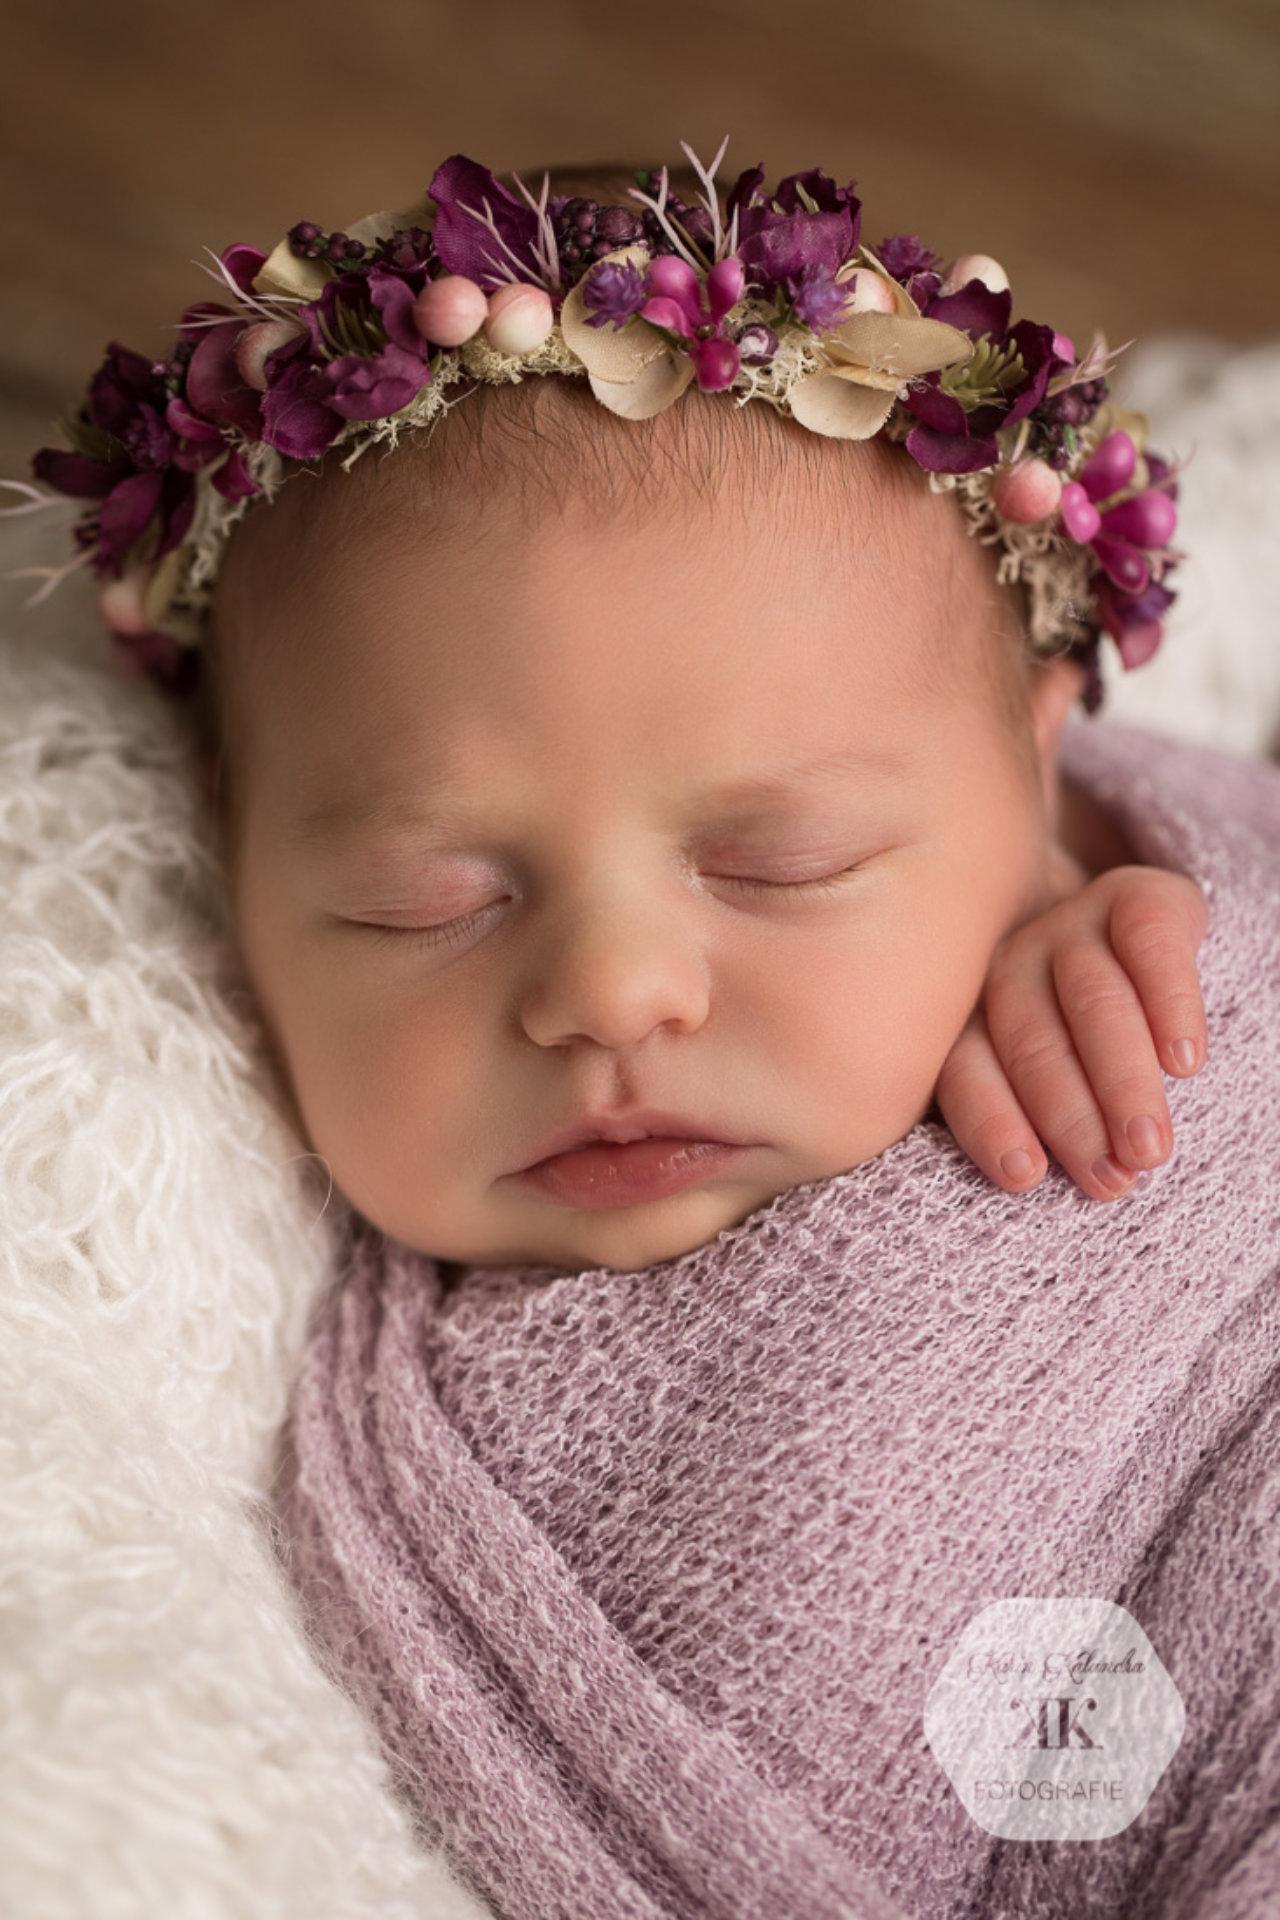 Zauberhaftes Neugeborenenfotoshooting #5